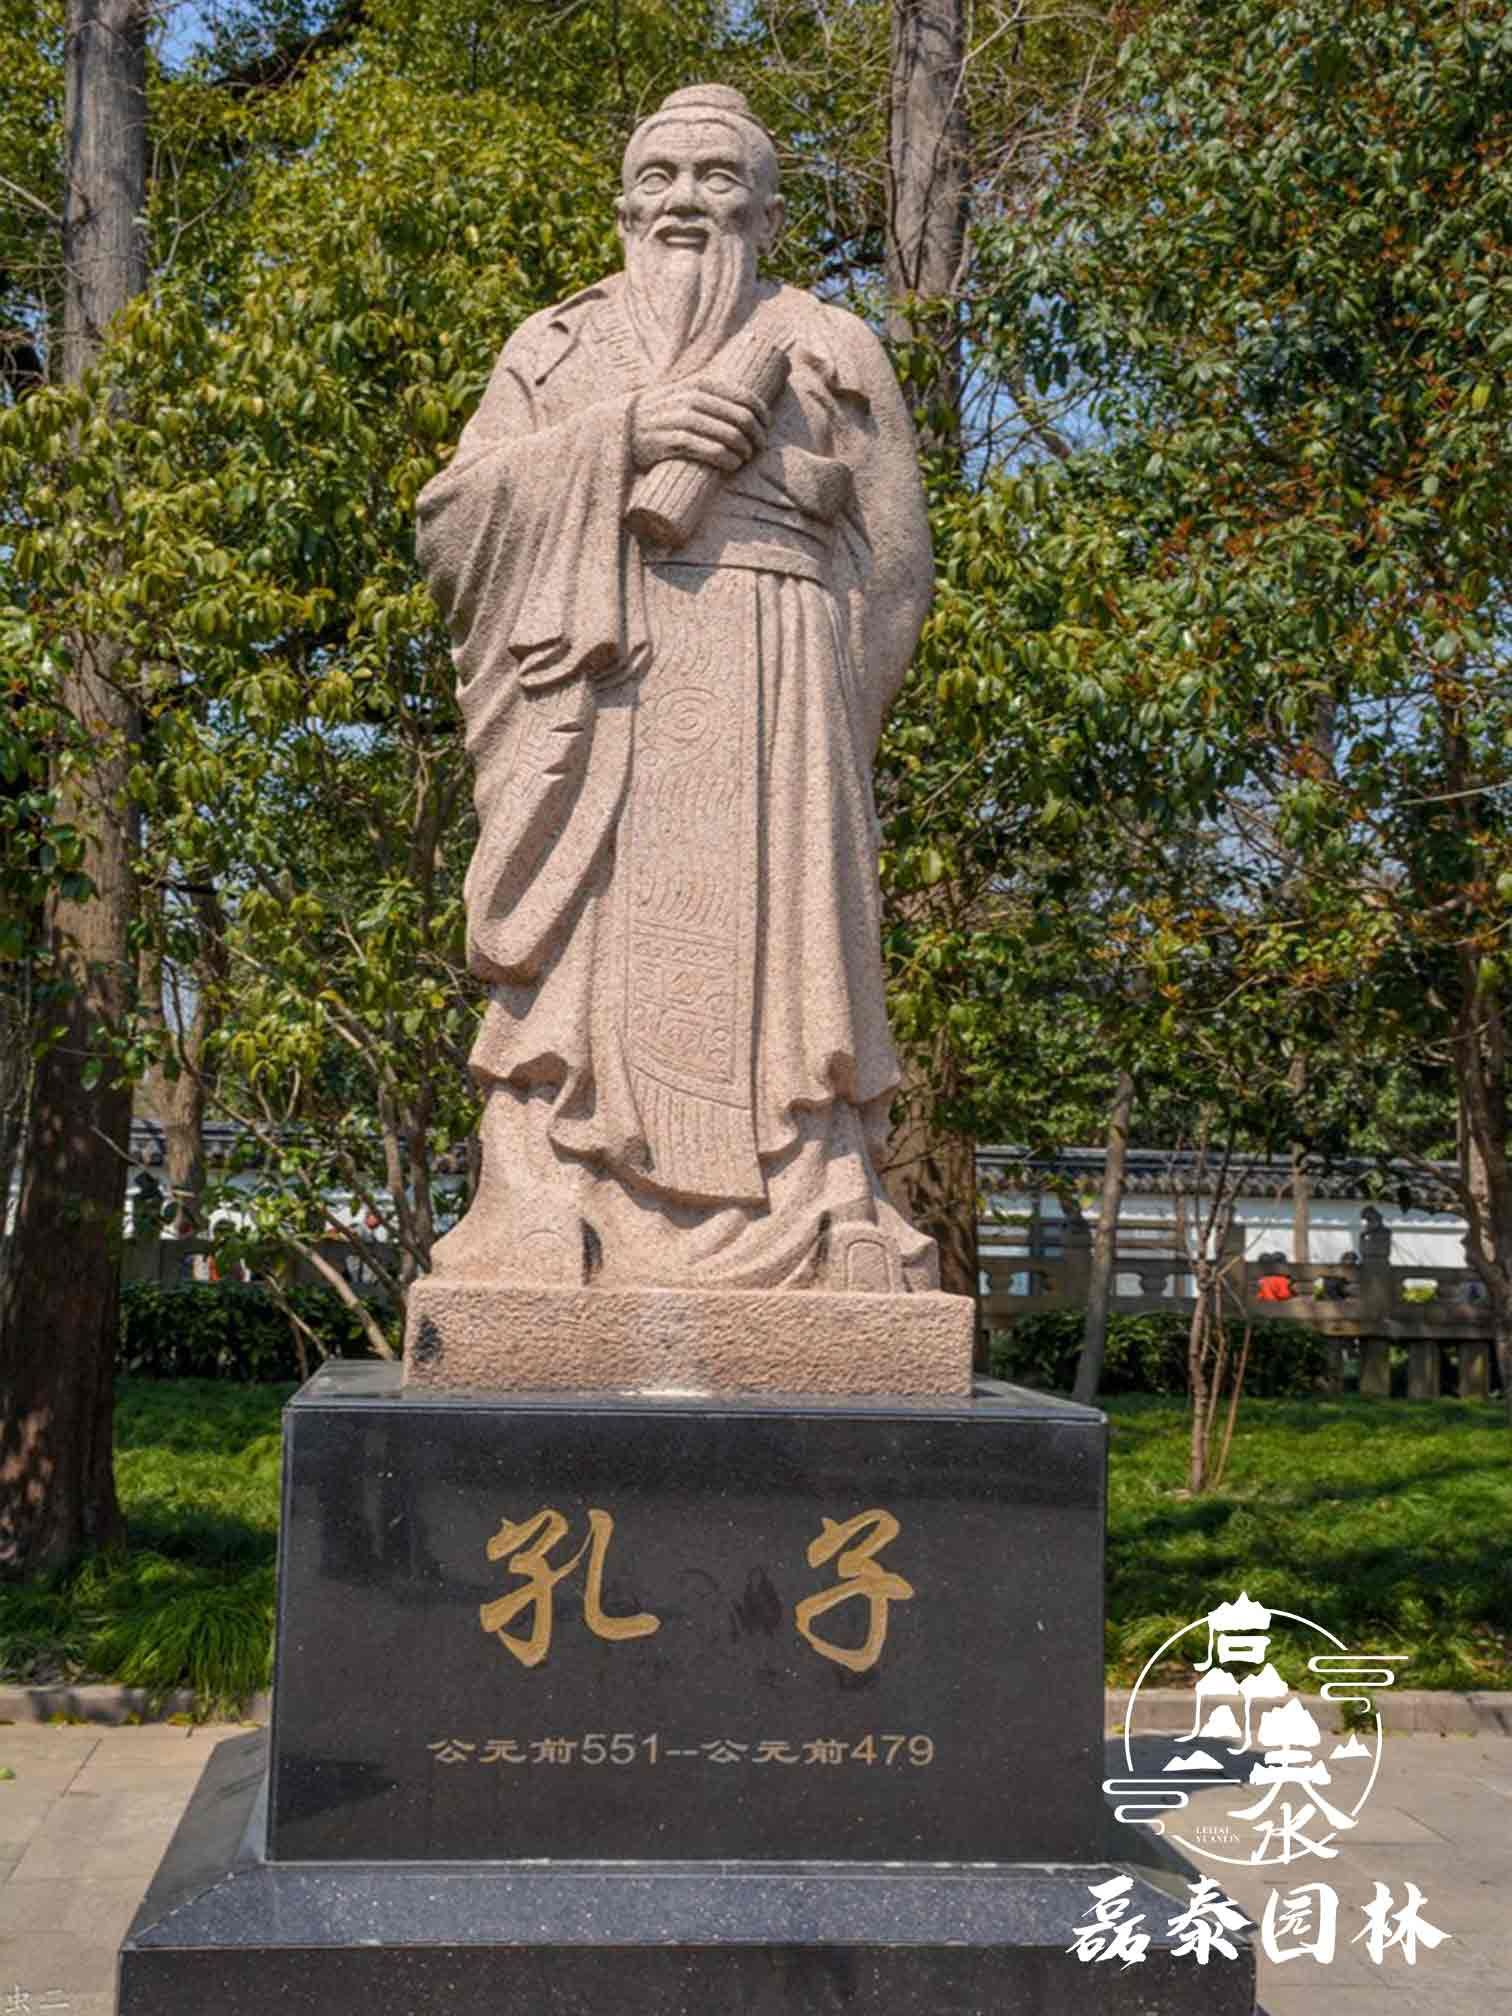 石雕孔子塑像校园广场名人雕像磊泰园林石雕人物定制